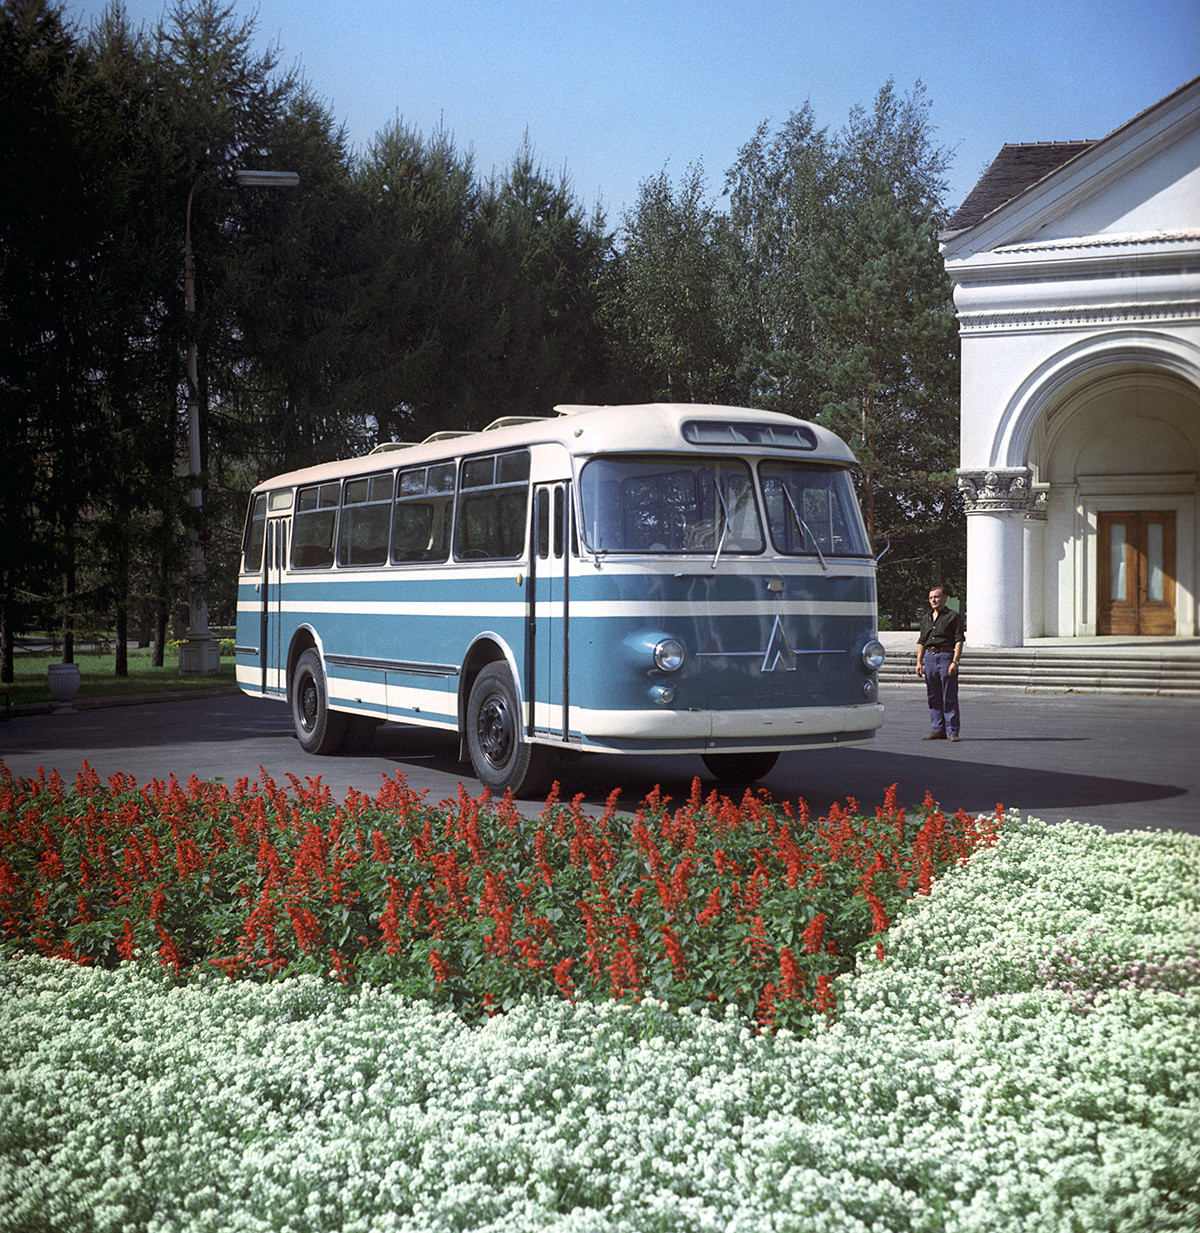 Совјетски аутобус ЛАЗ-697 произведен у Фабрици аутобуса у Лавову, 1970.